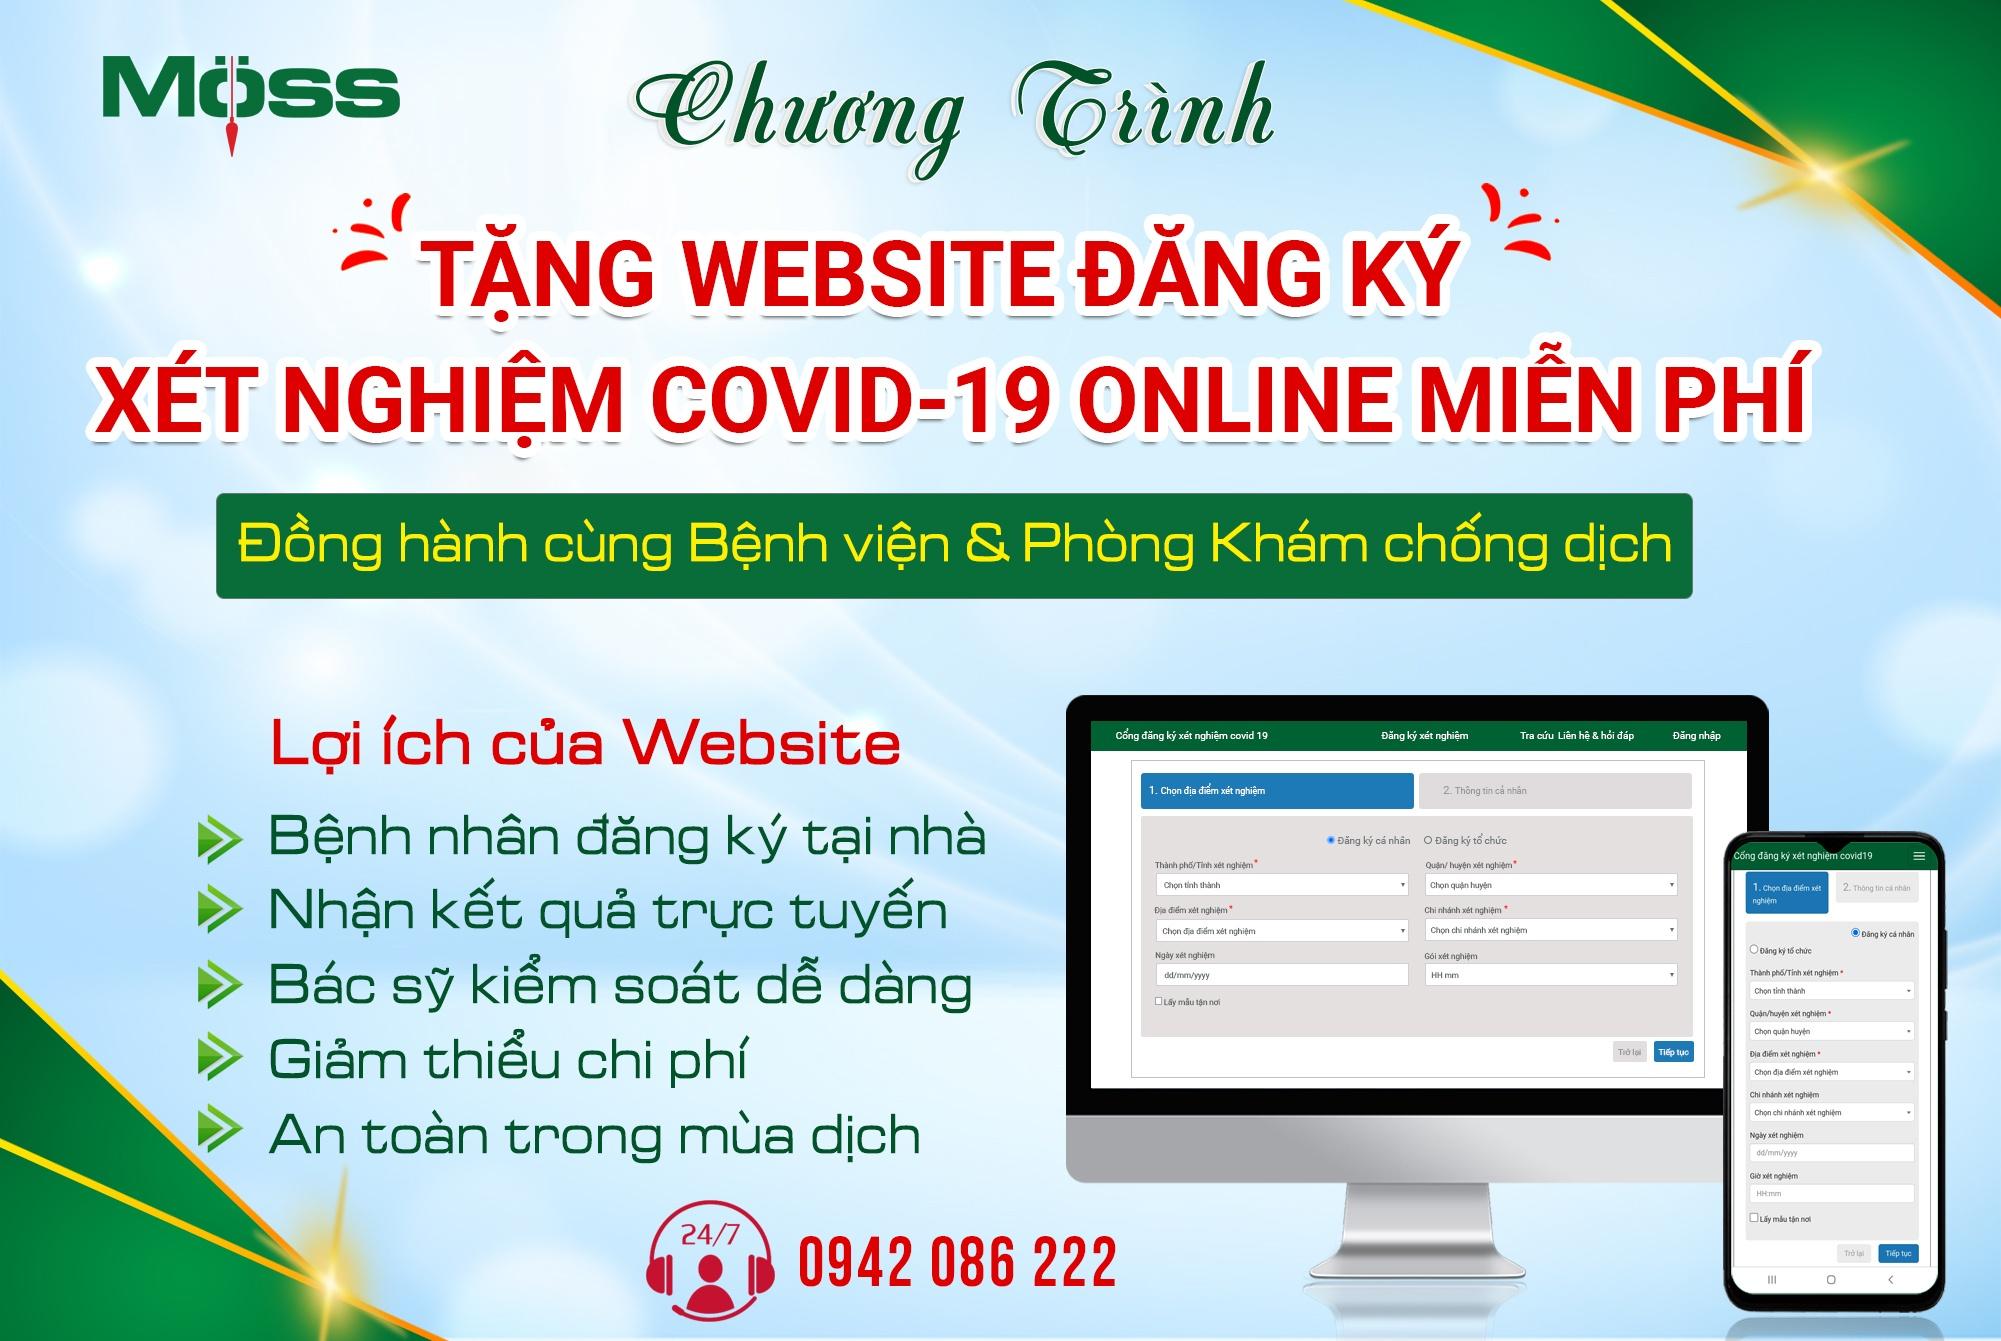 banner-chương-trình-thiết-kế-website-miễn-phí-bản-mới-nhất.jpg